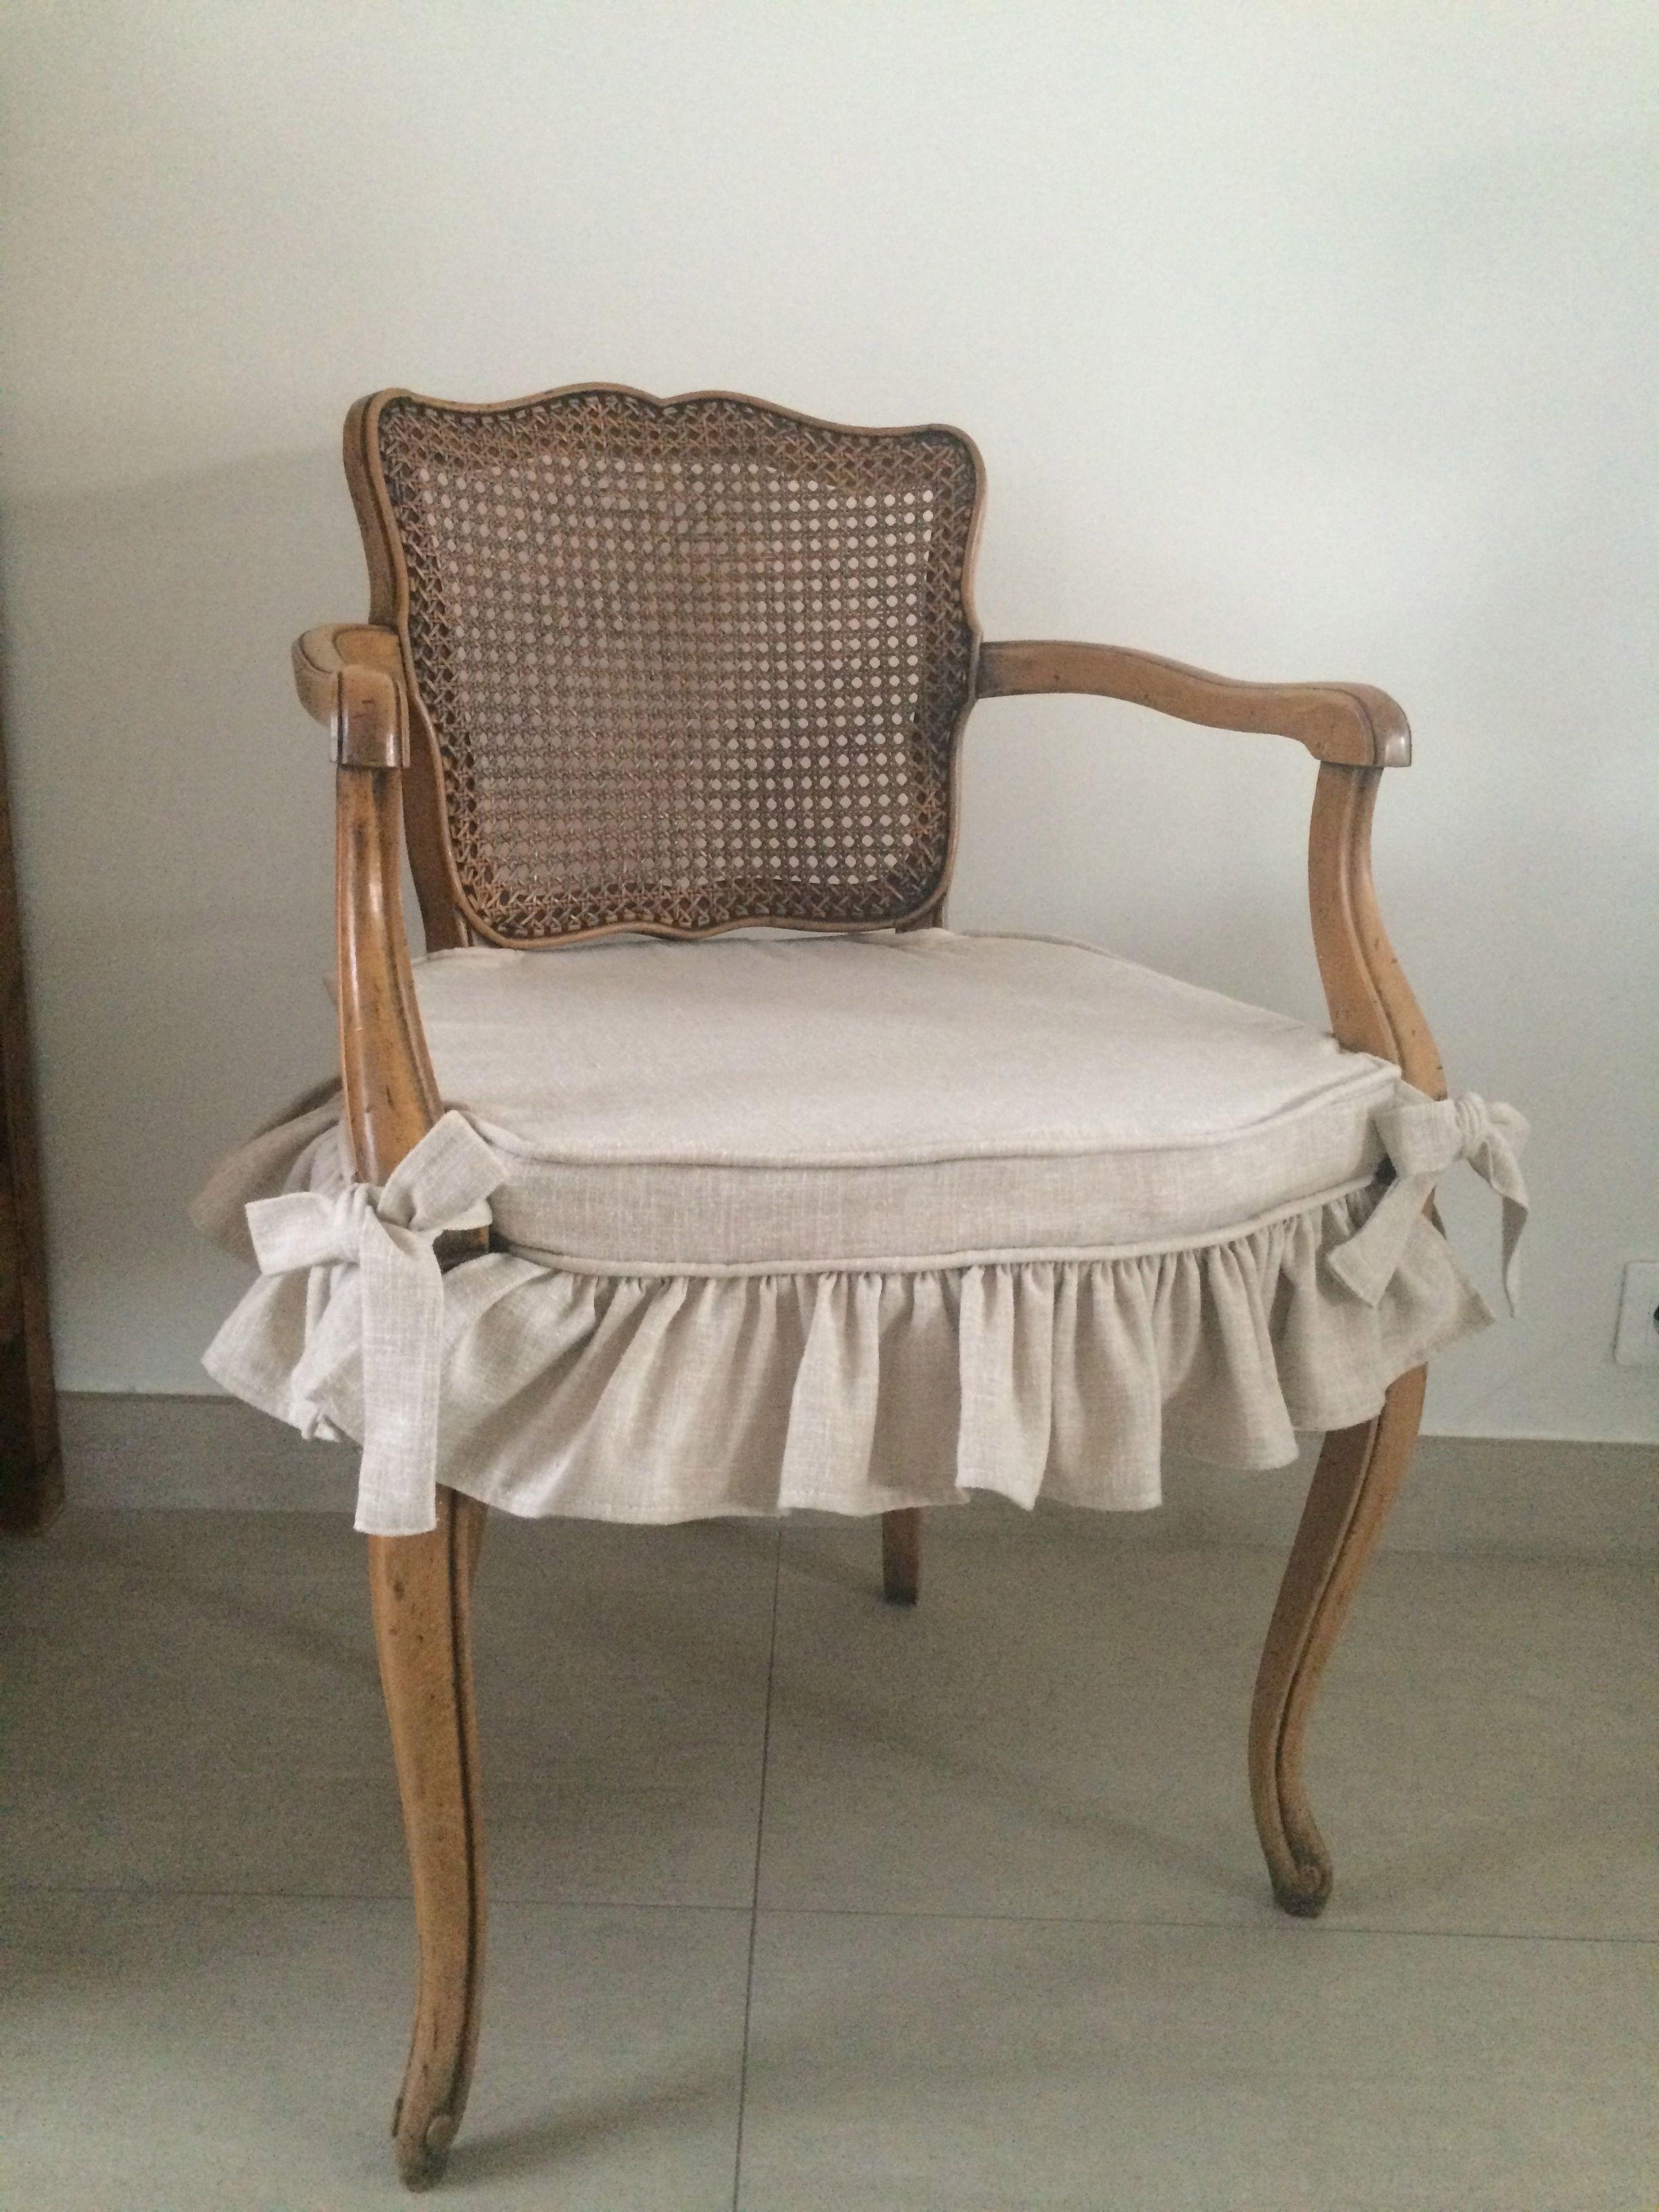 Galette Pour Chaise Fait Maison Galette De Chaise Creation Maison Chaise